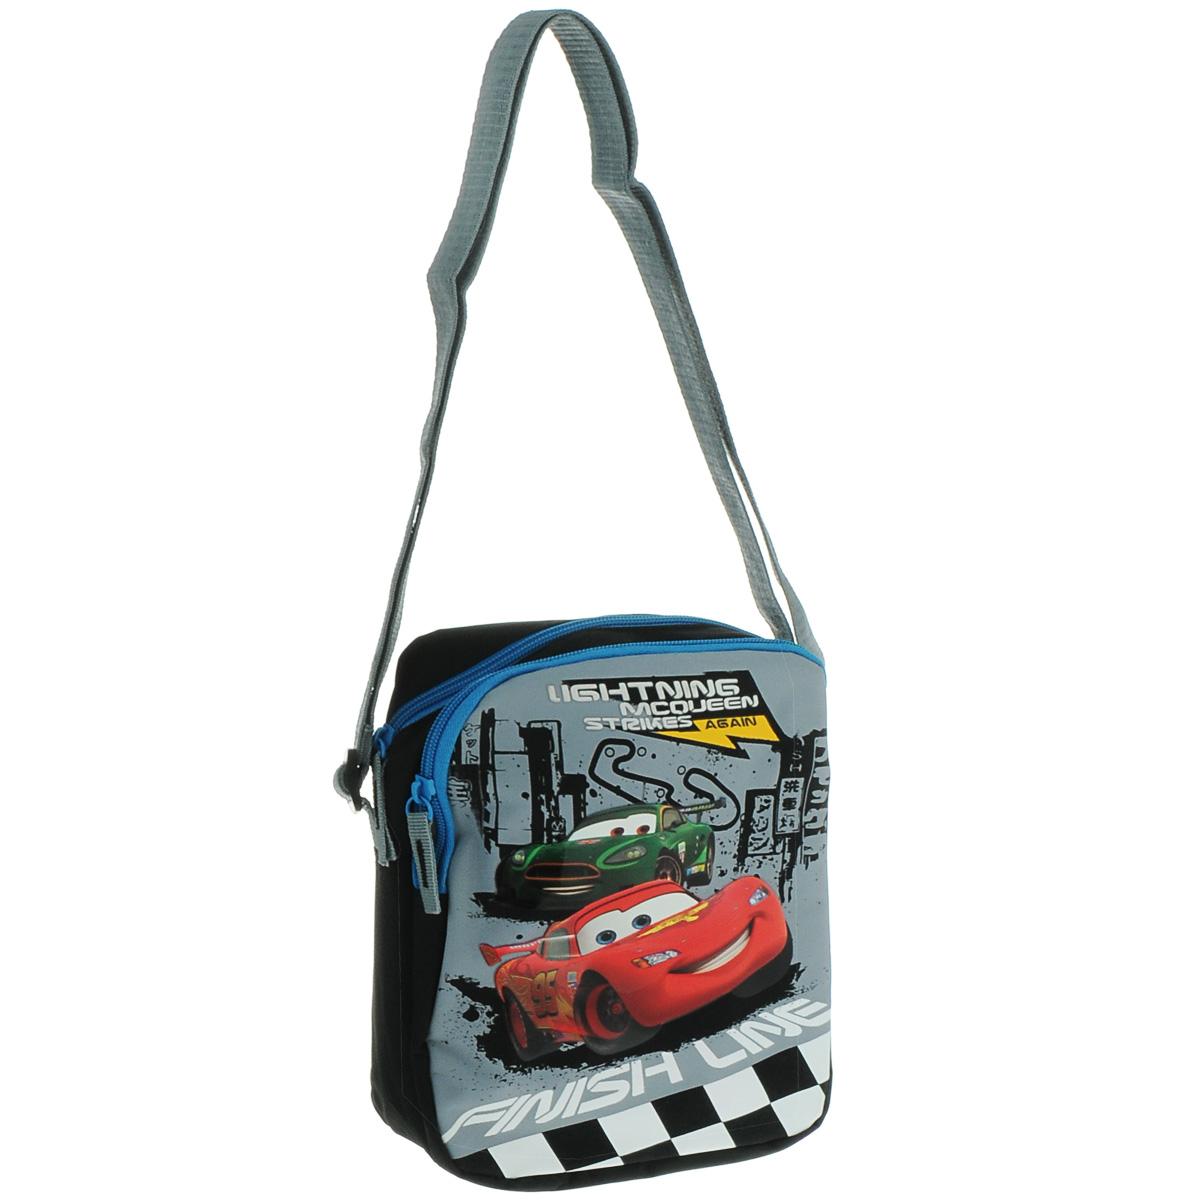 Сумка детская на плечо Cars, цвет: серый, черныйCRAP-UT-4068Детская сумка Cars выполнена из прочного полиэстера и оформлена термоаппликацией с изображением персонажей мультфильма Тачки. Сумочка содержит два отделения, закрывающихся с помощью застежек-молний. Внутри одного из них находится пришивной кармашек для мелочей на молнии. Бегунки застежек дополнены удобными текстильными держателями. Сумочка оснащена регулируемым по длине текстильным ремнем для переноски на плече, благодаря чему подойдет ребенку любого роста.